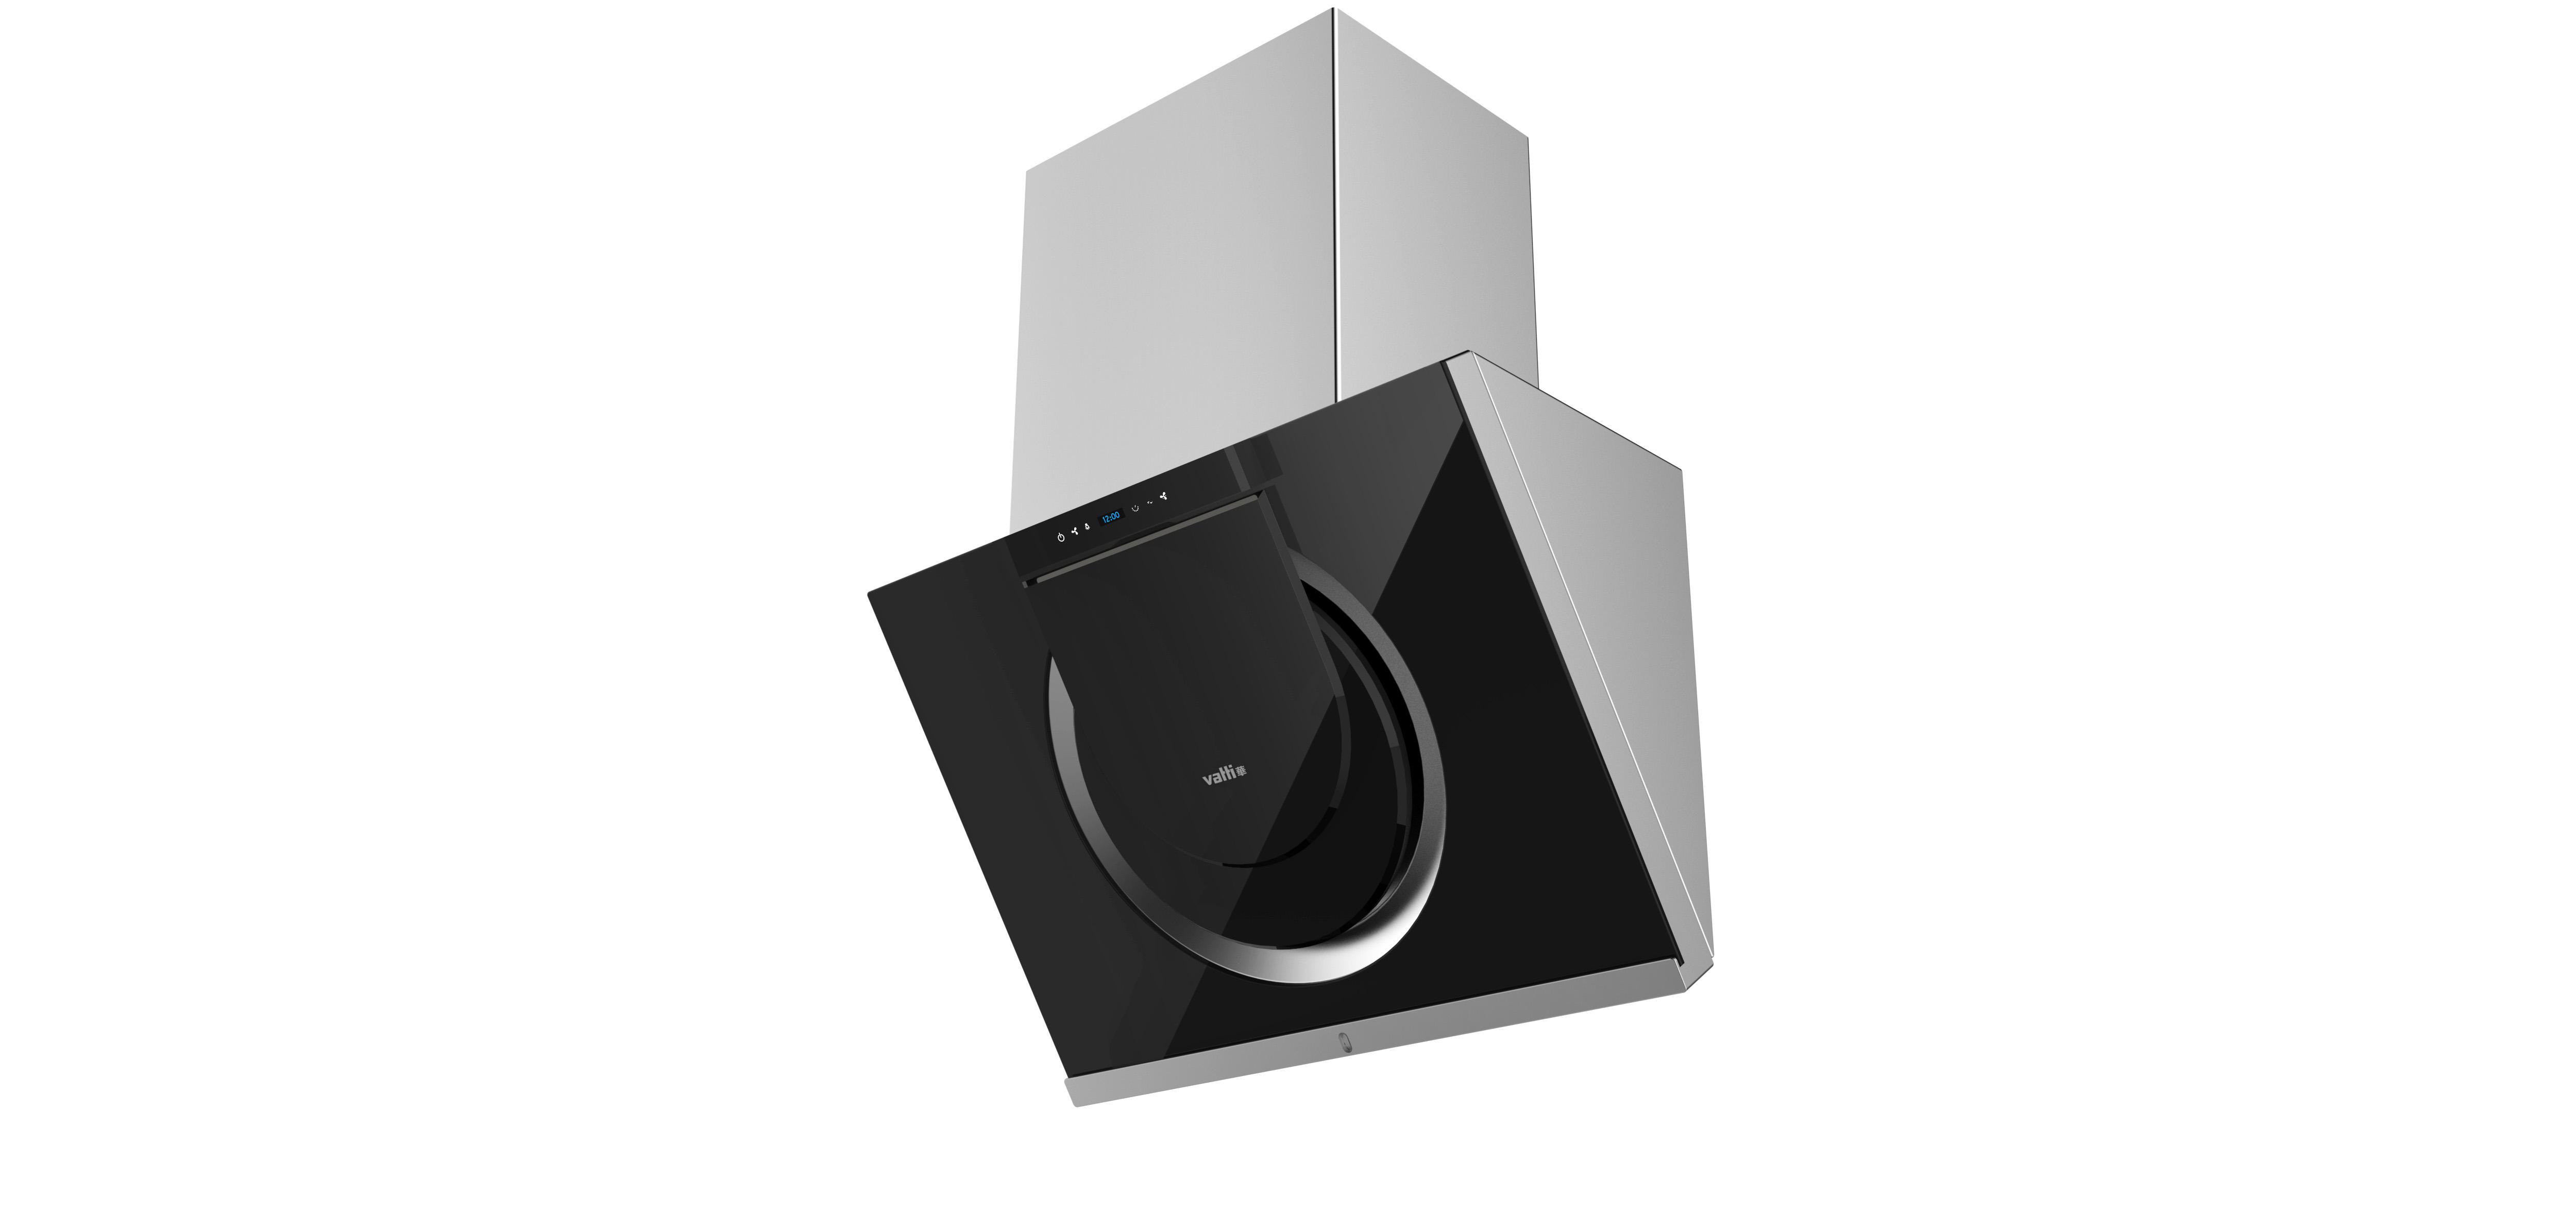 抽油烟机_产品设计-来设计